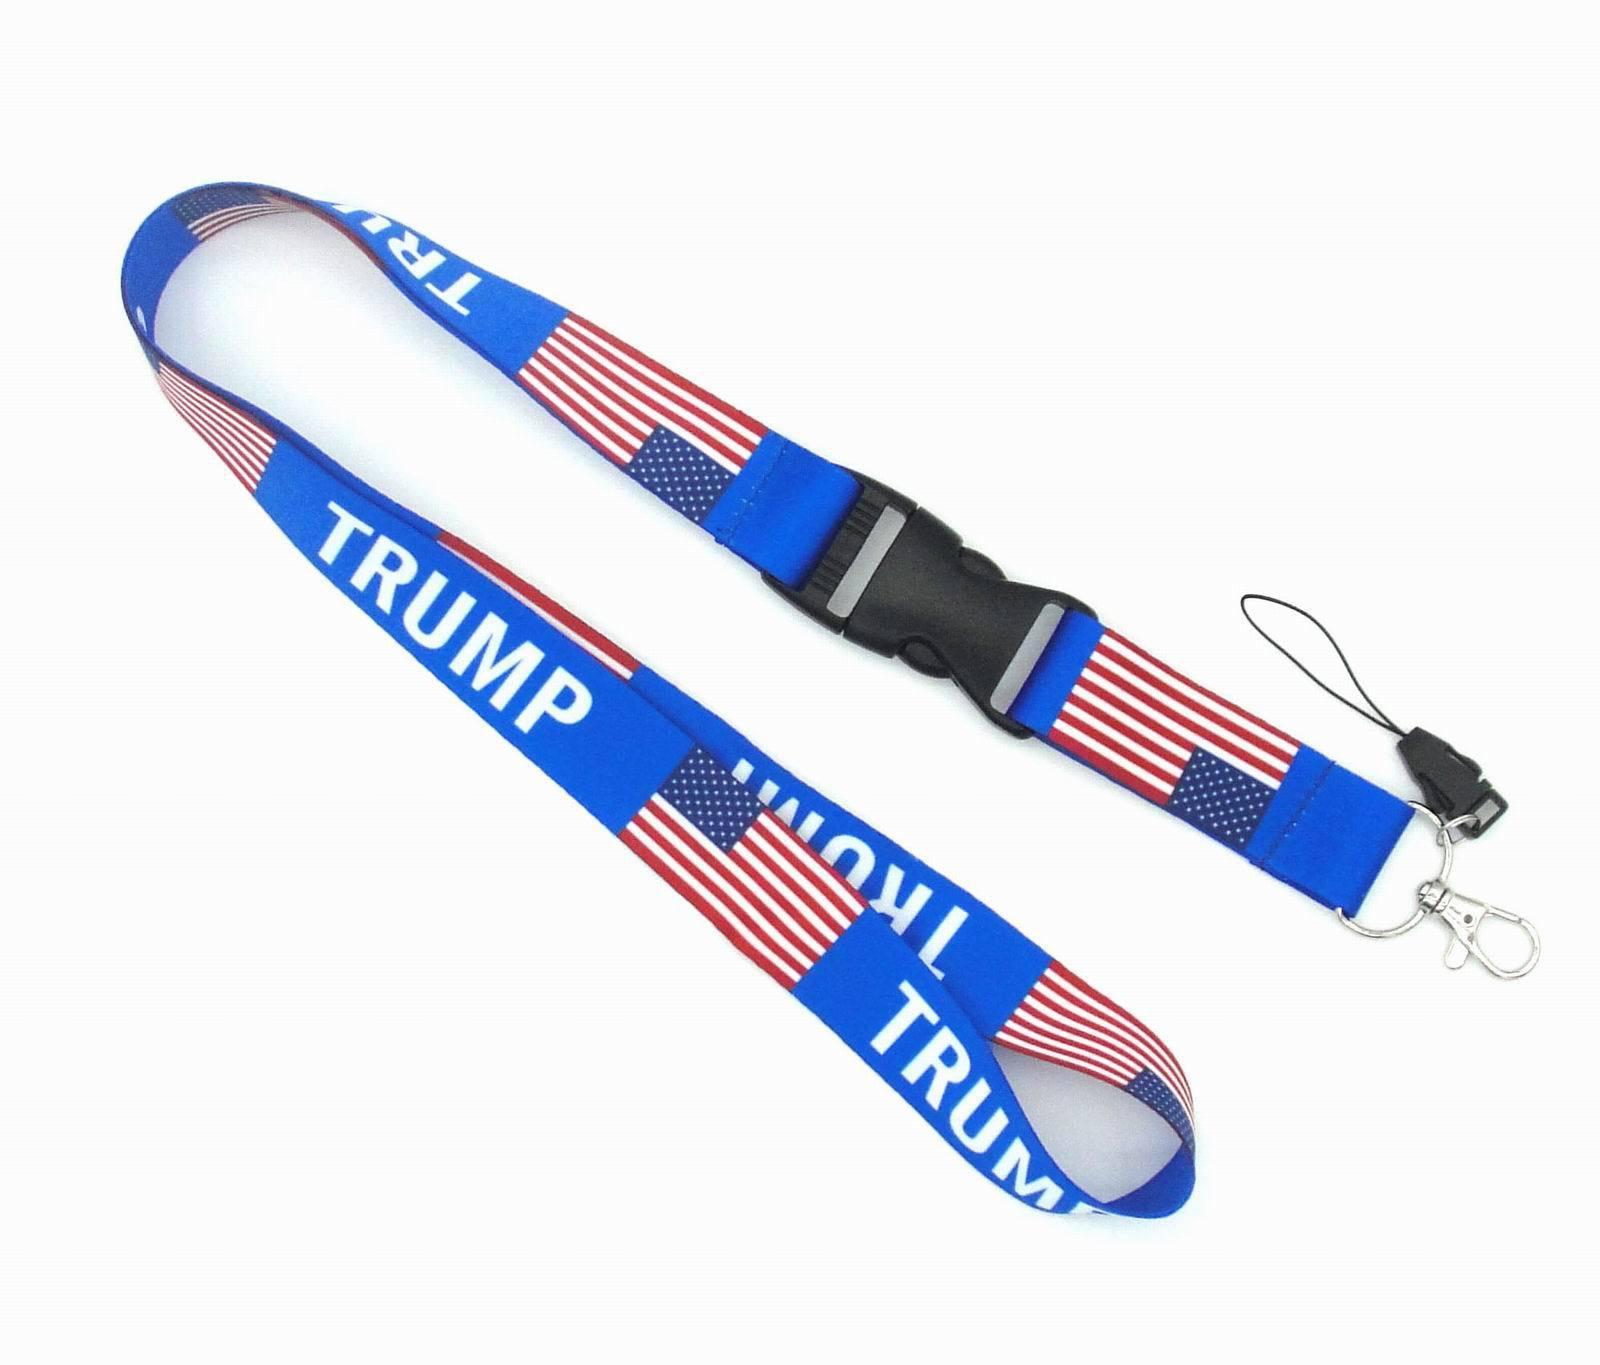 Bandeira americana TRUMP Correia de pescoço Lanyard para chaves ID Card Gym Mobile Phone Straps EUA badge chaveiro titular DIY corda FFA3771